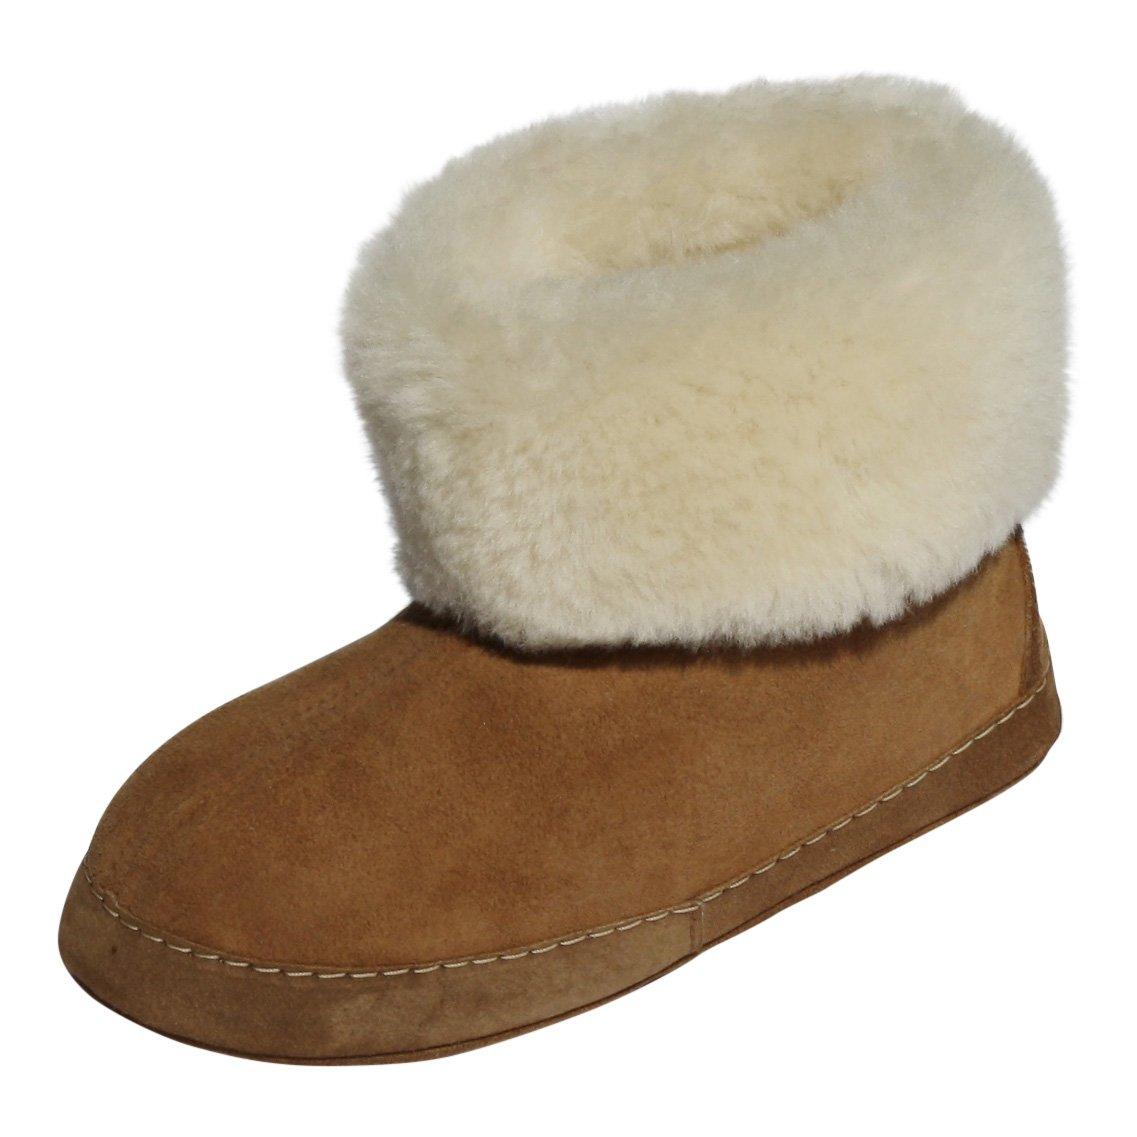 Zapatillas de estar por casa de cuero para mujer Espaniol 03 Mocasines Blancos - Marrón, 41: Amazon.es: Zapatos y complementos